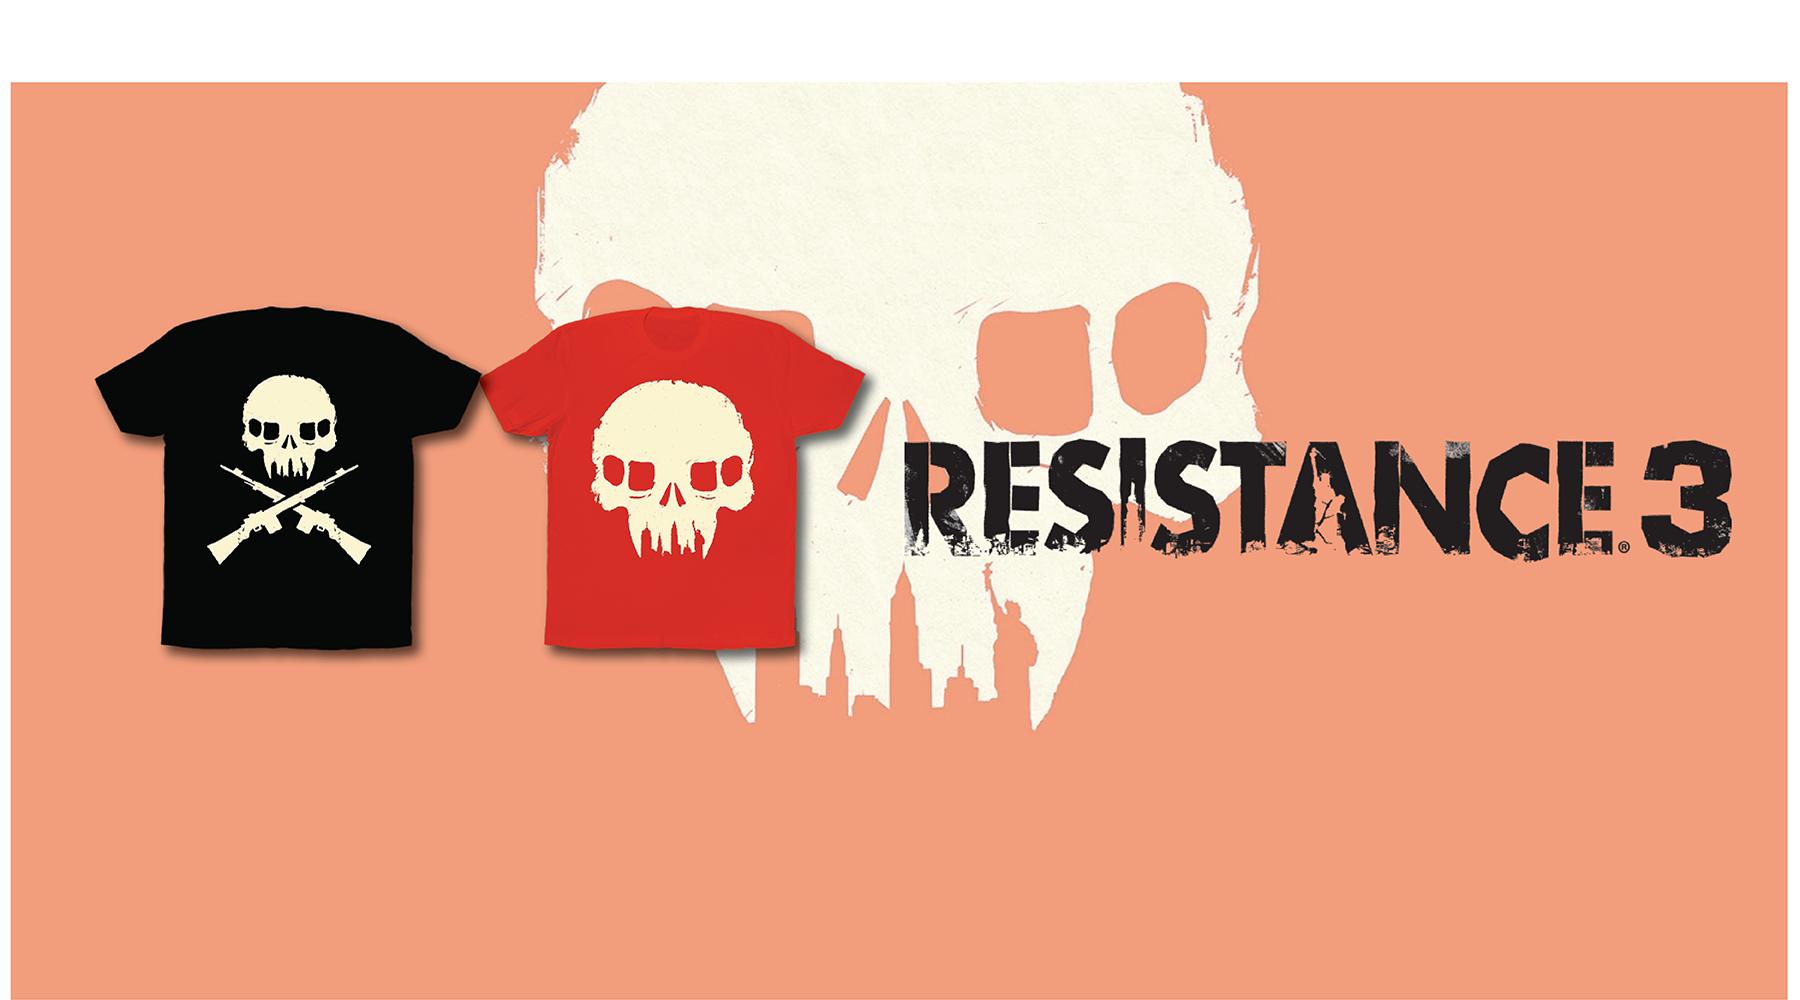 Banner-Resistance_3_7f188c30-9ec7-4074-8460-a7e862cd6ea4_4472x.png